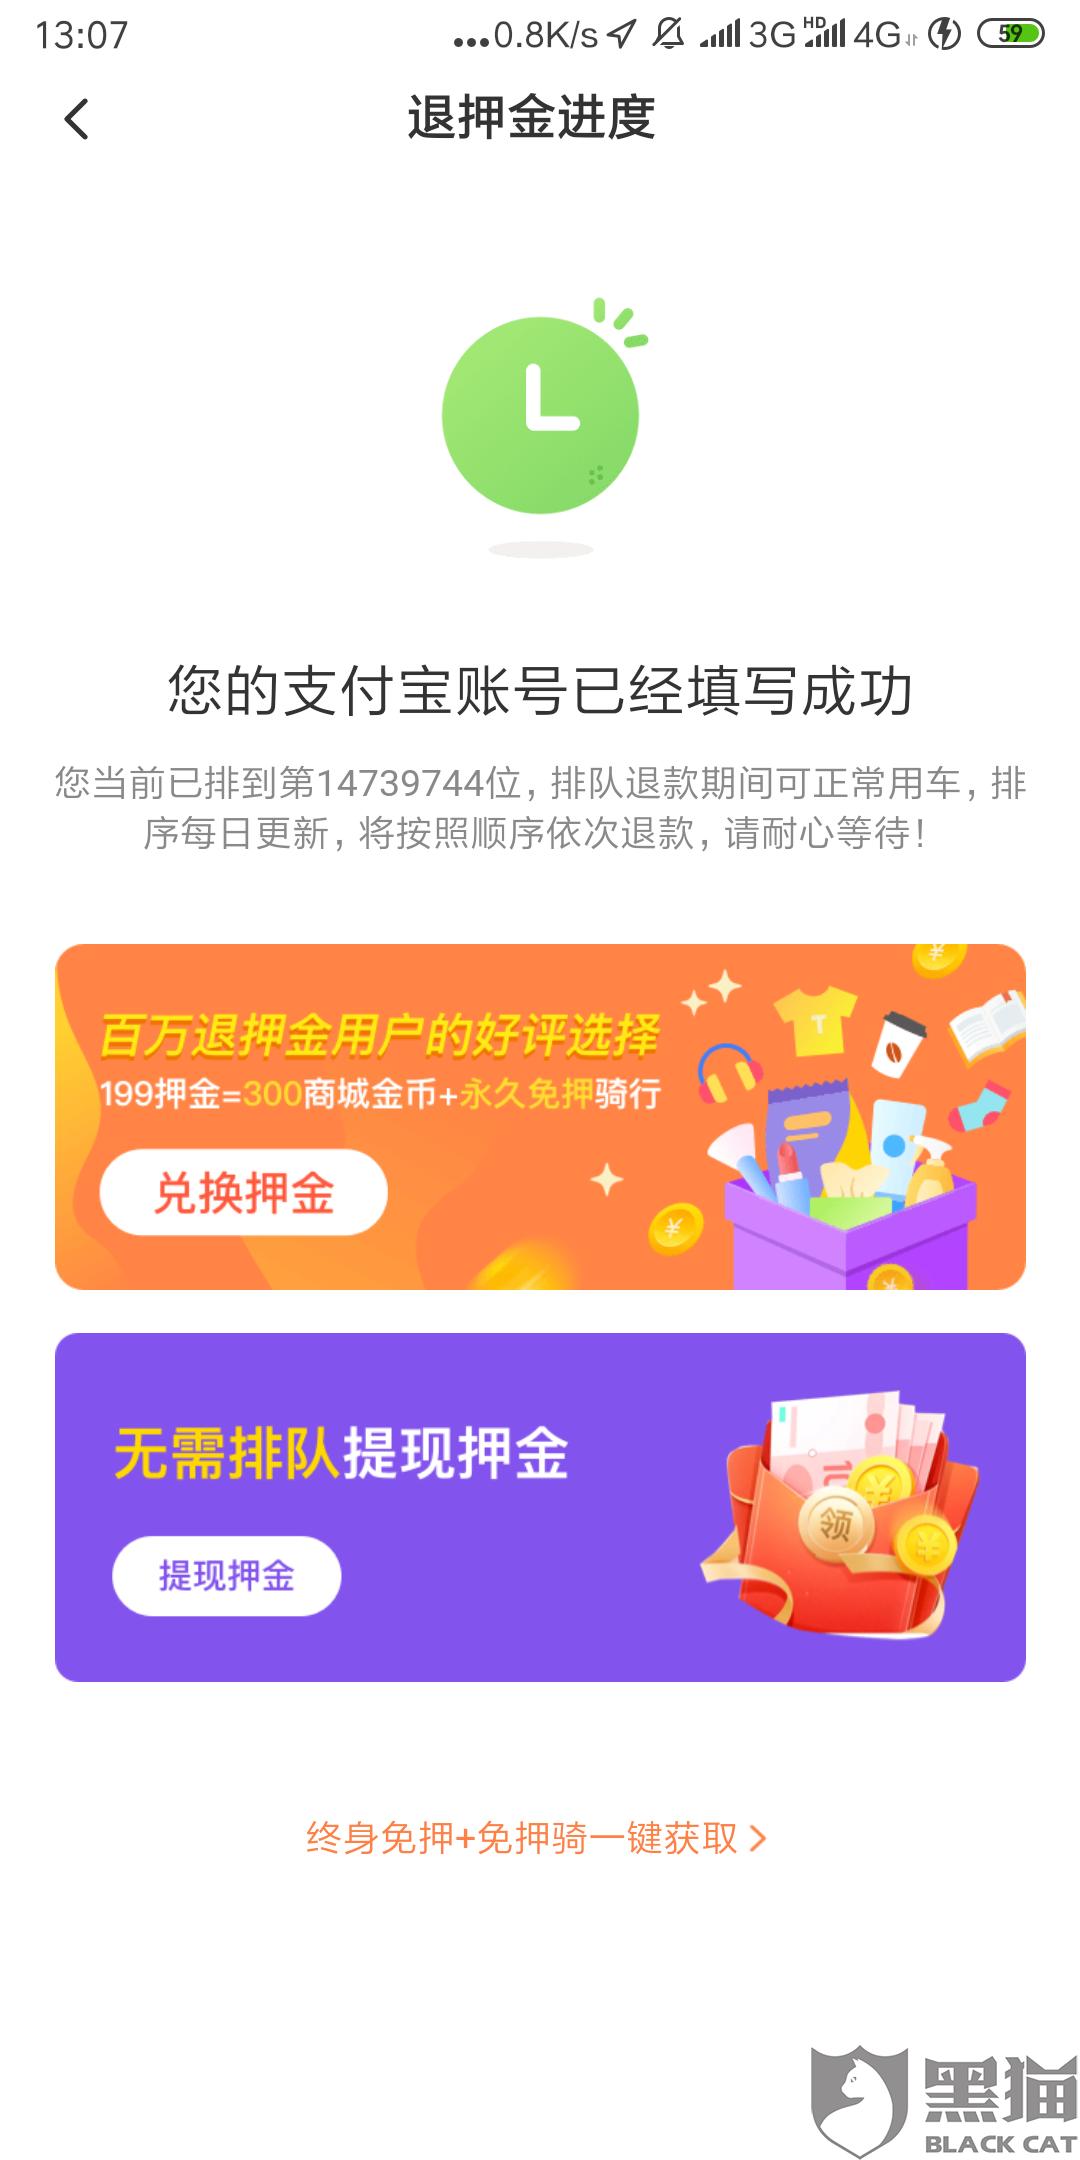 黑猫投诉:ofo小黄车平台